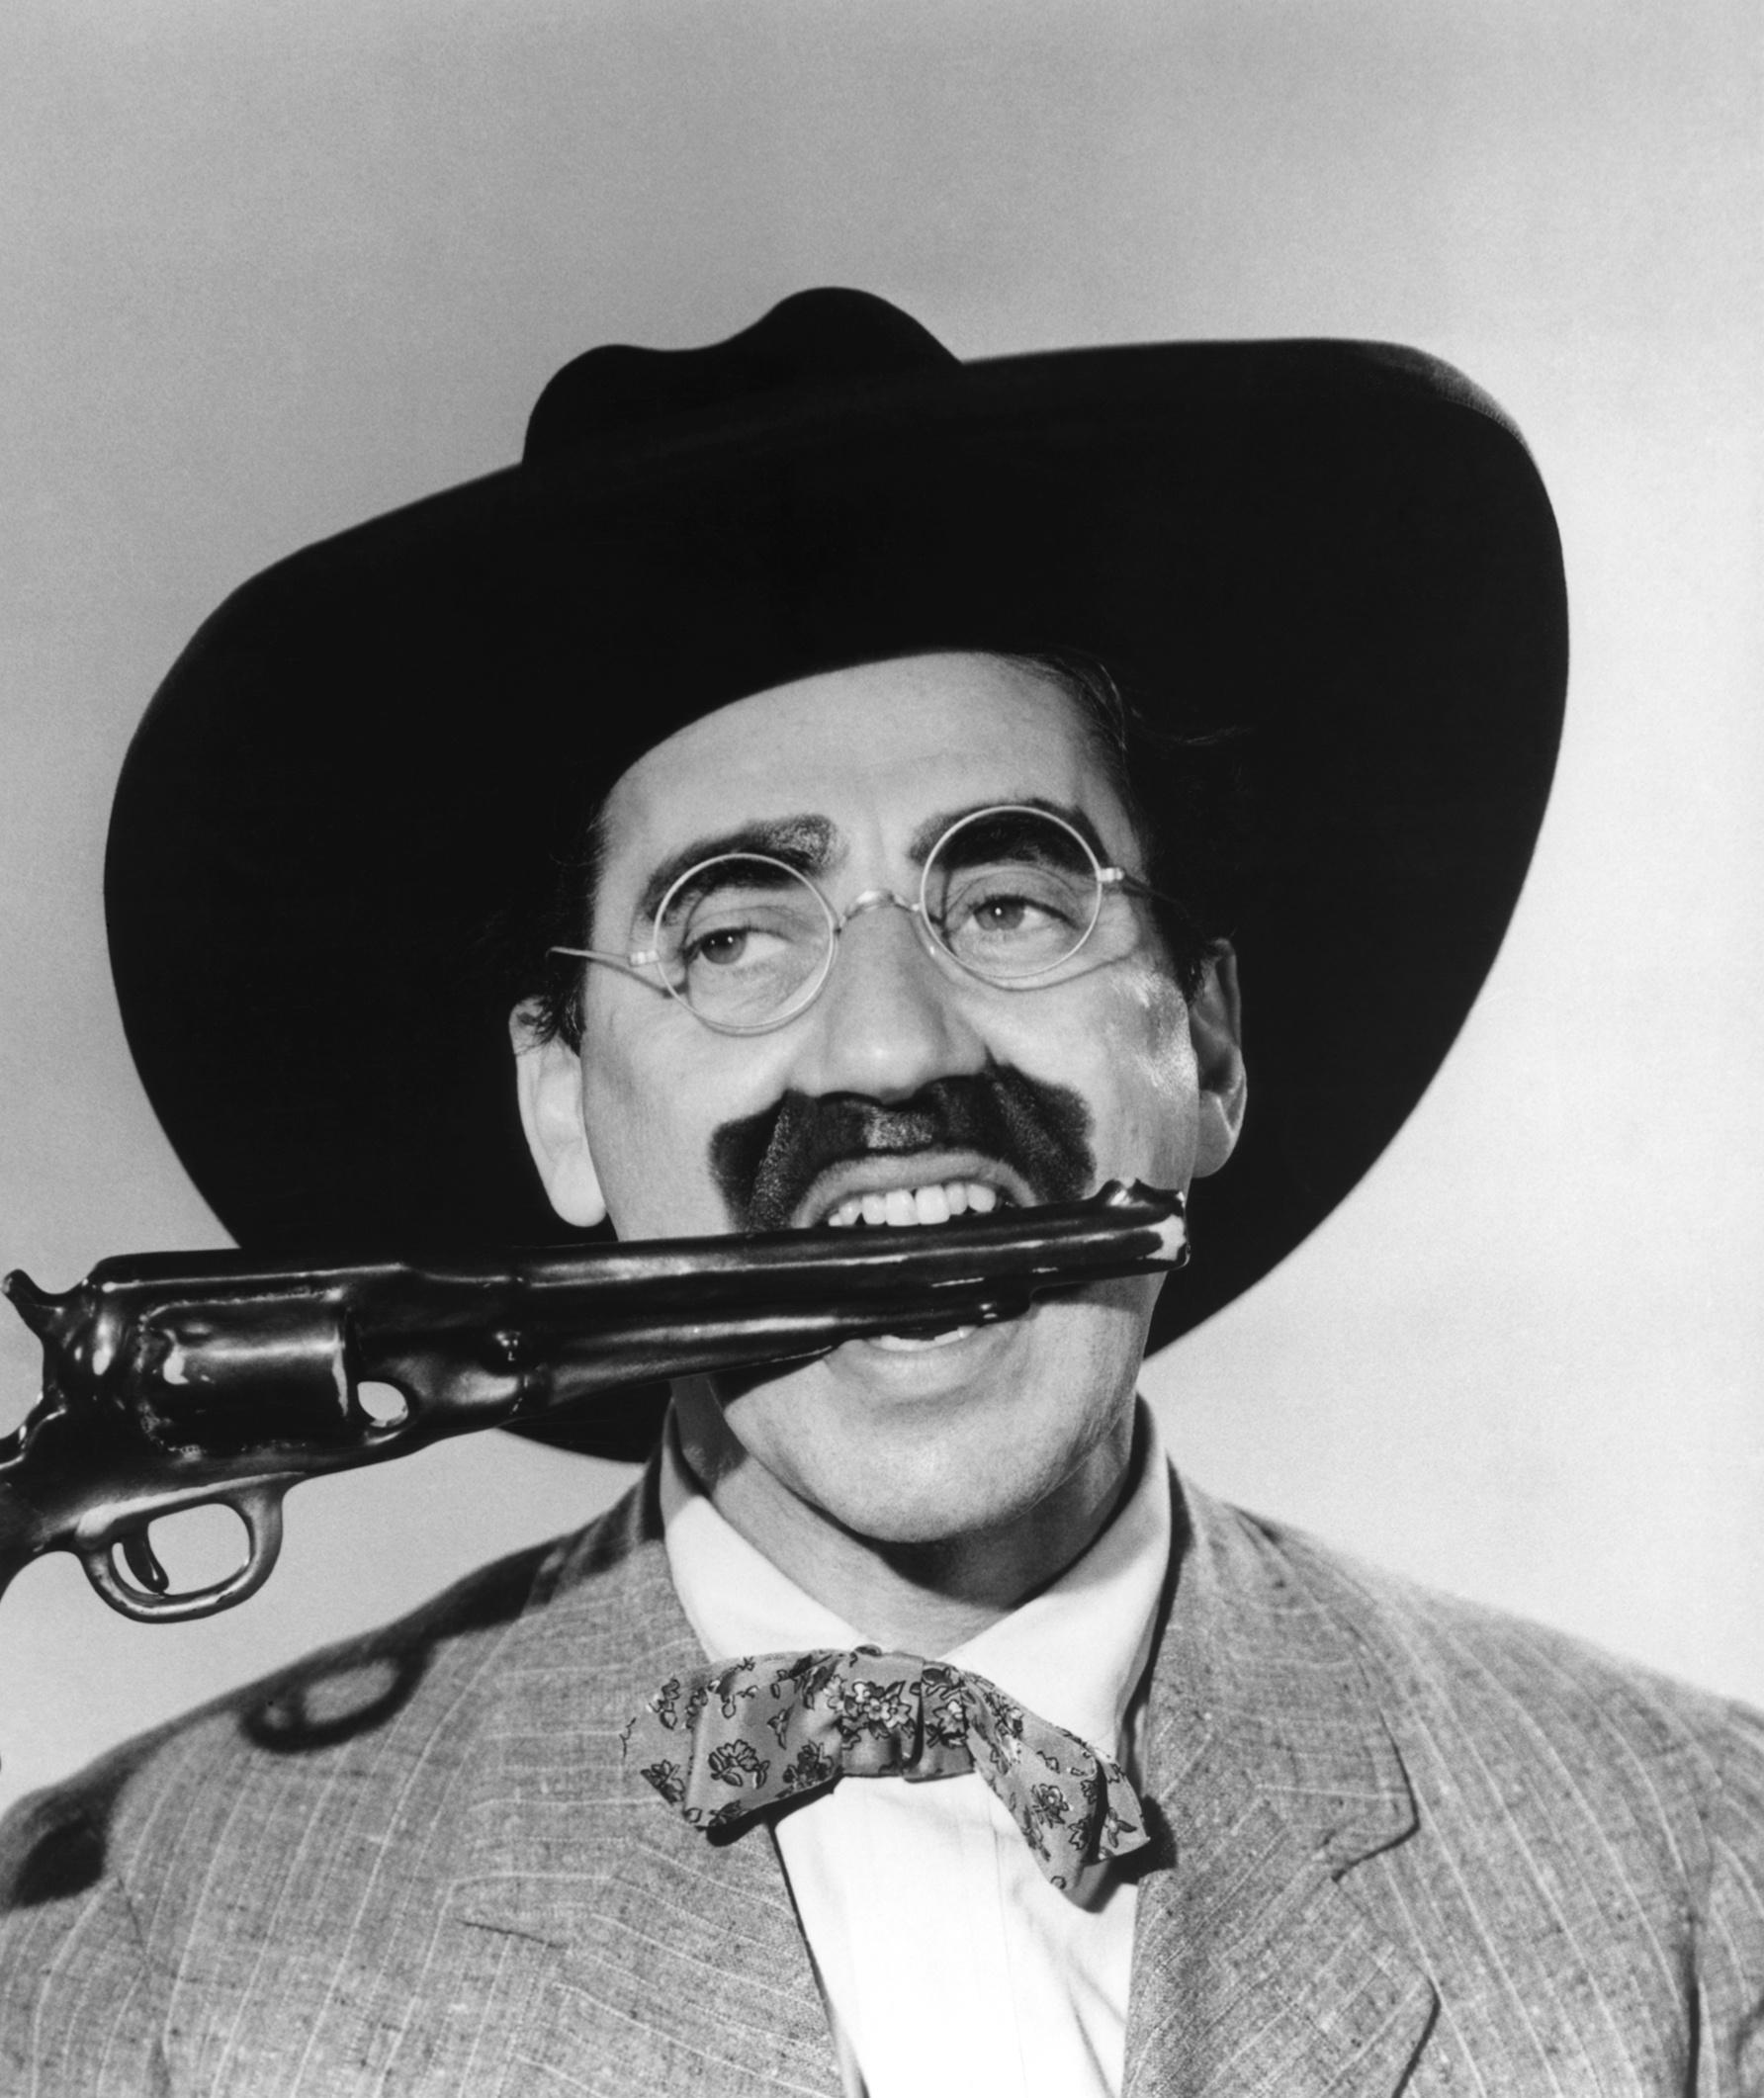 Groucho en 'Los Hermanos Marx en el Oeste' (1940)